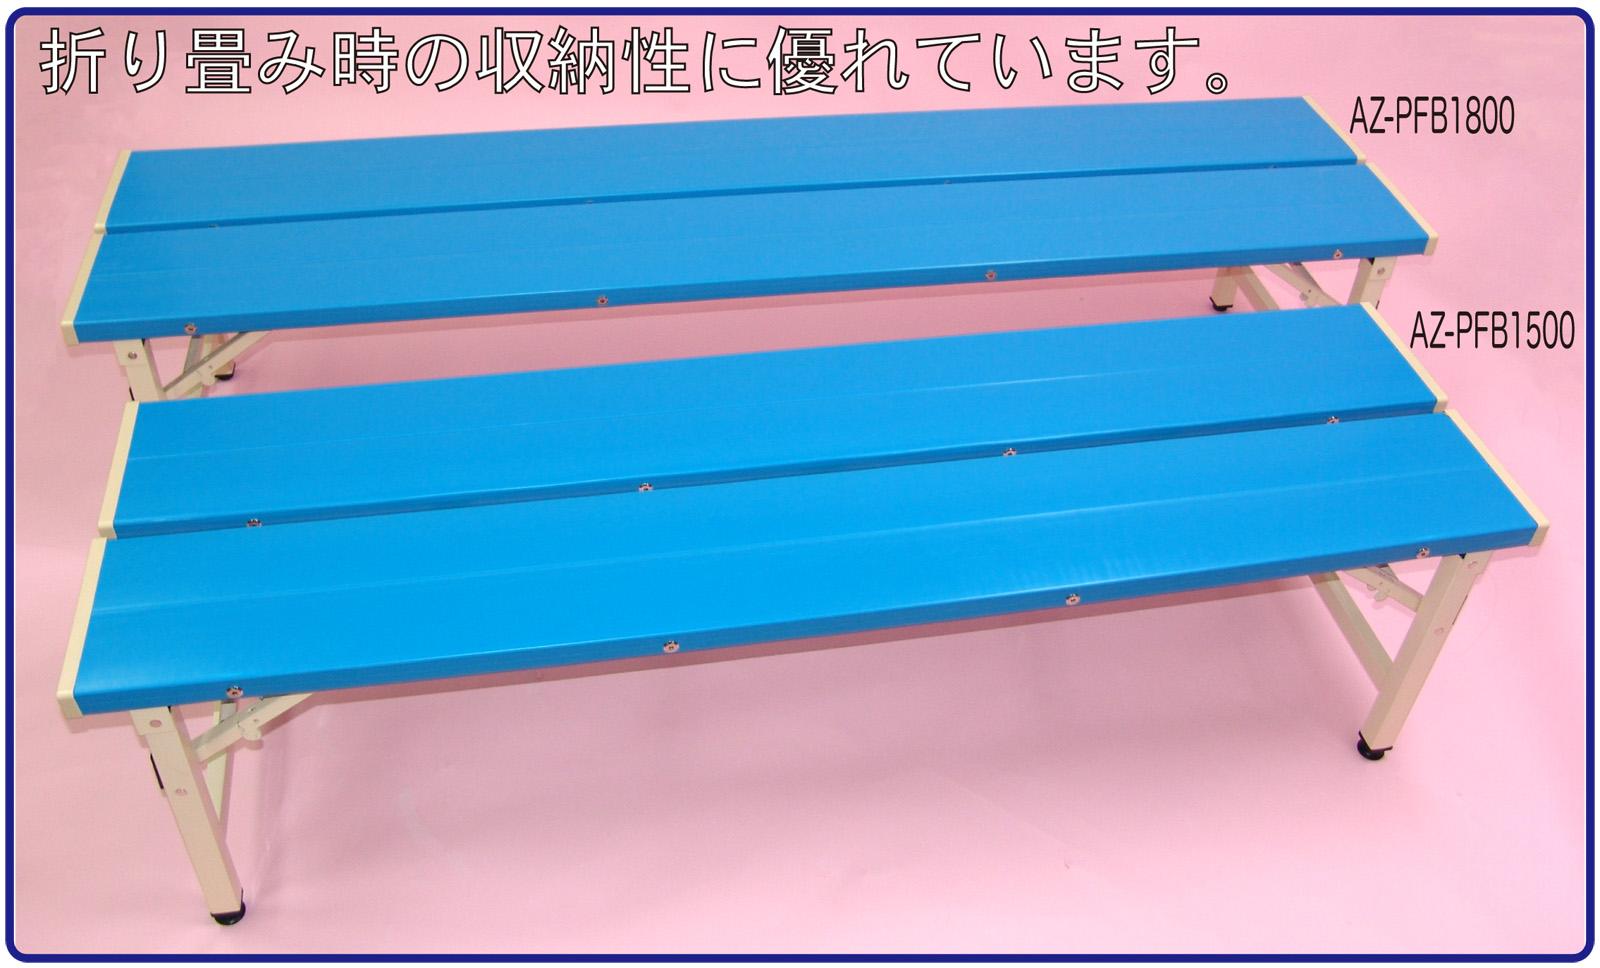 【※ 代引不可 ※】折り畳みプラベンチ(AZ-PFB1800)【送料込み】